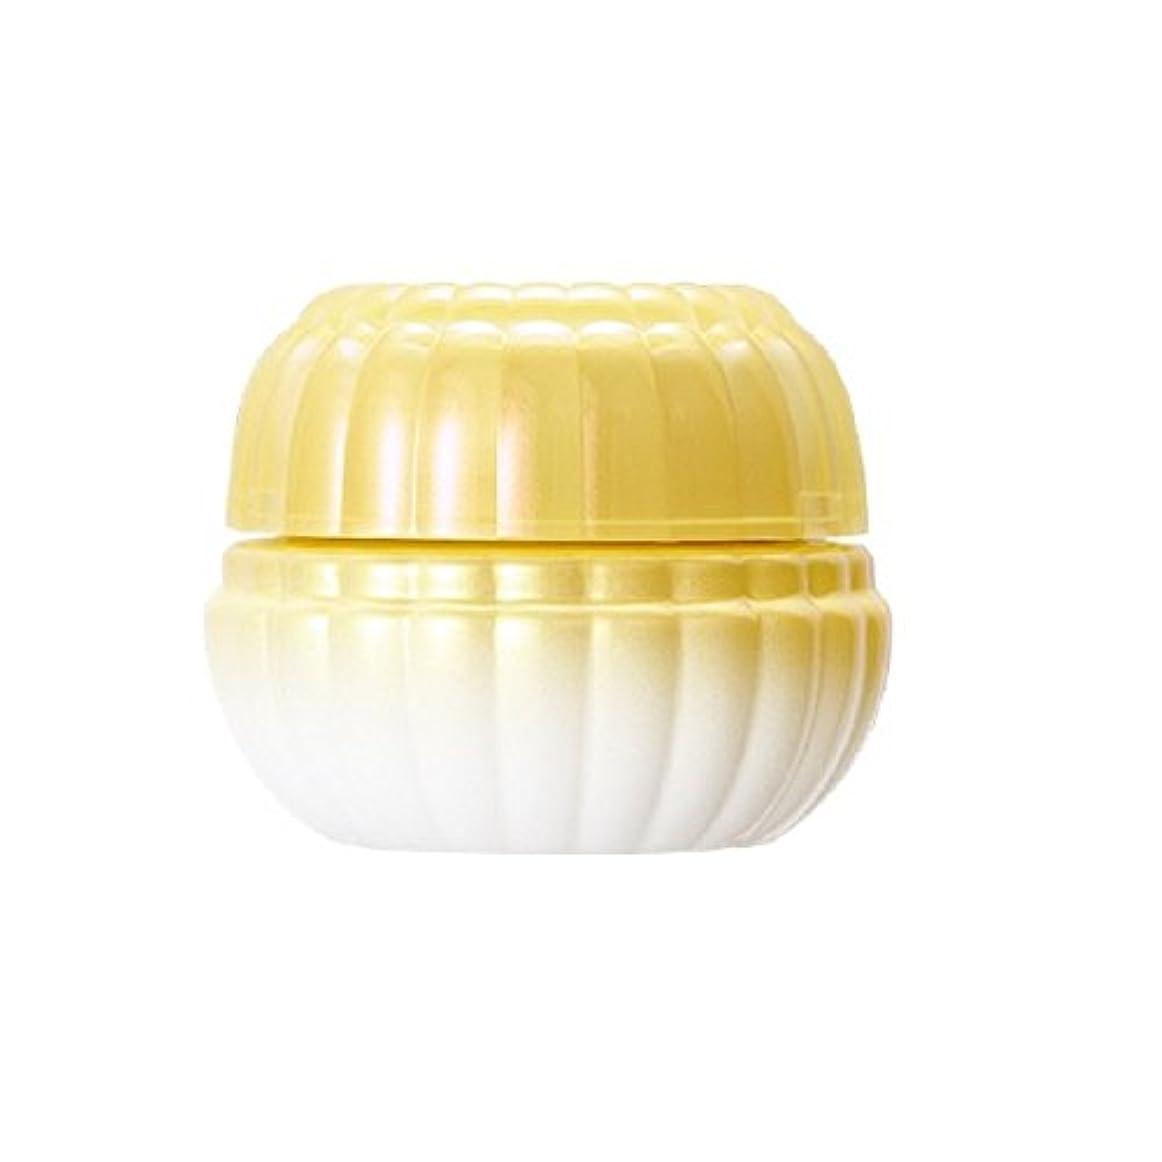 明確なワゴンスピンアユーラ (AYURA) モイストパワライズクリーム (医薬部外品) 28g 〈美白クリーム〉